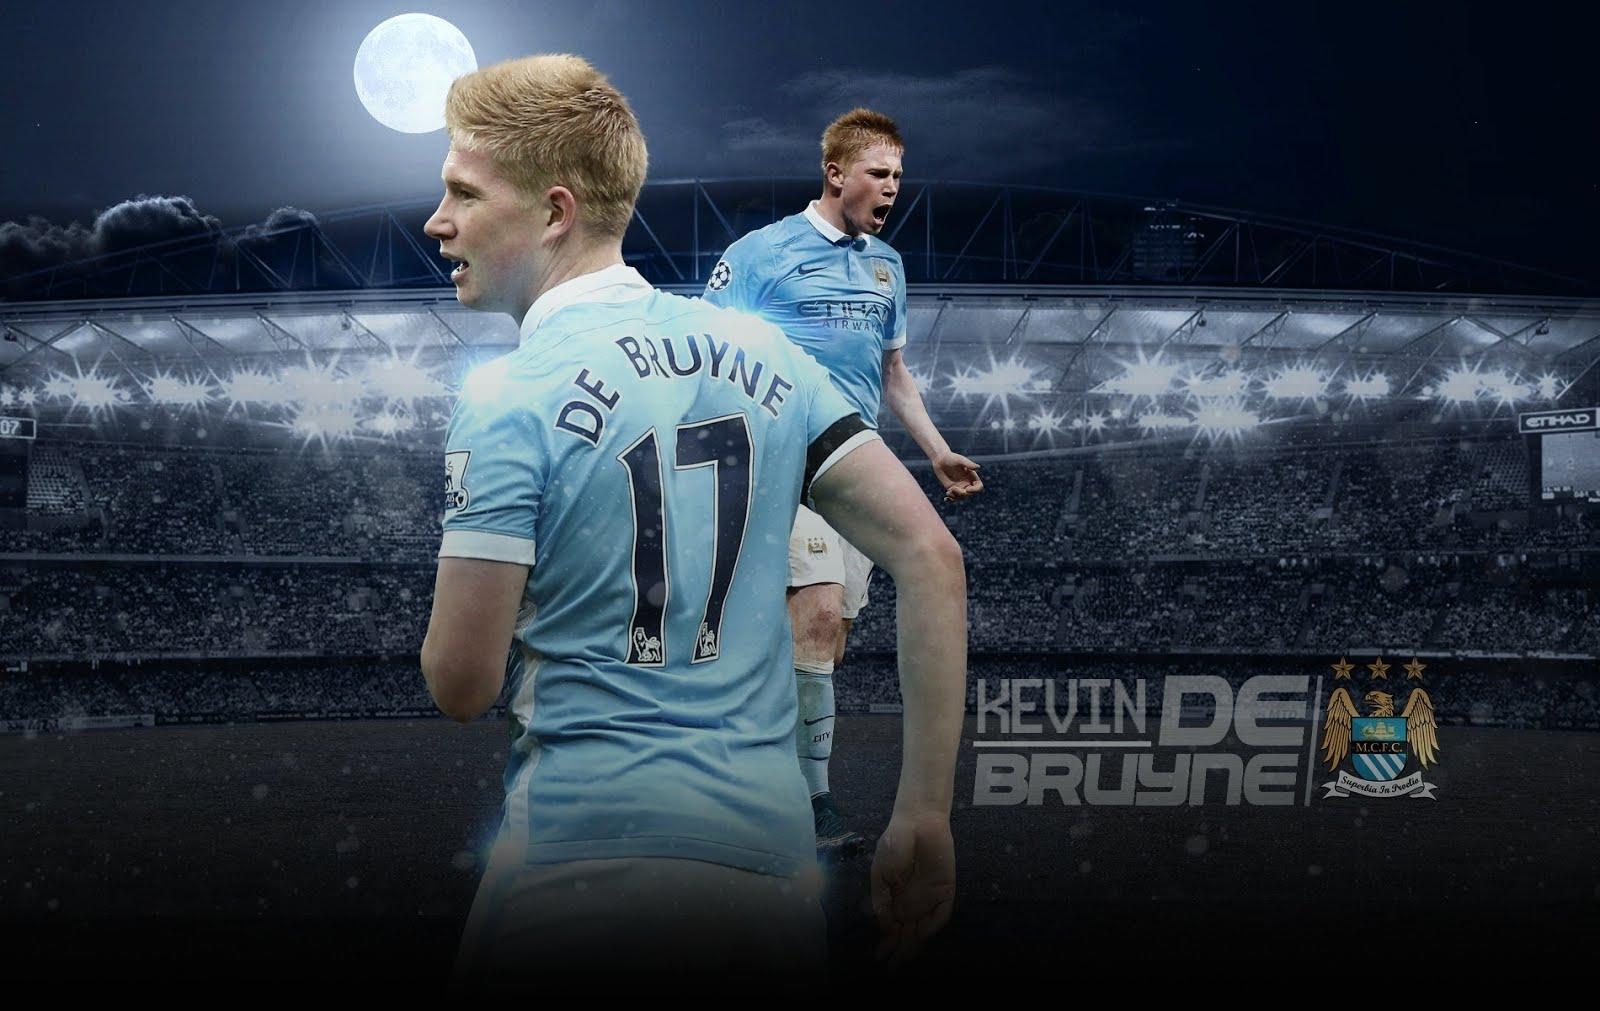 Kevin De Bruyne Wallpaper Man City World Football Gallery